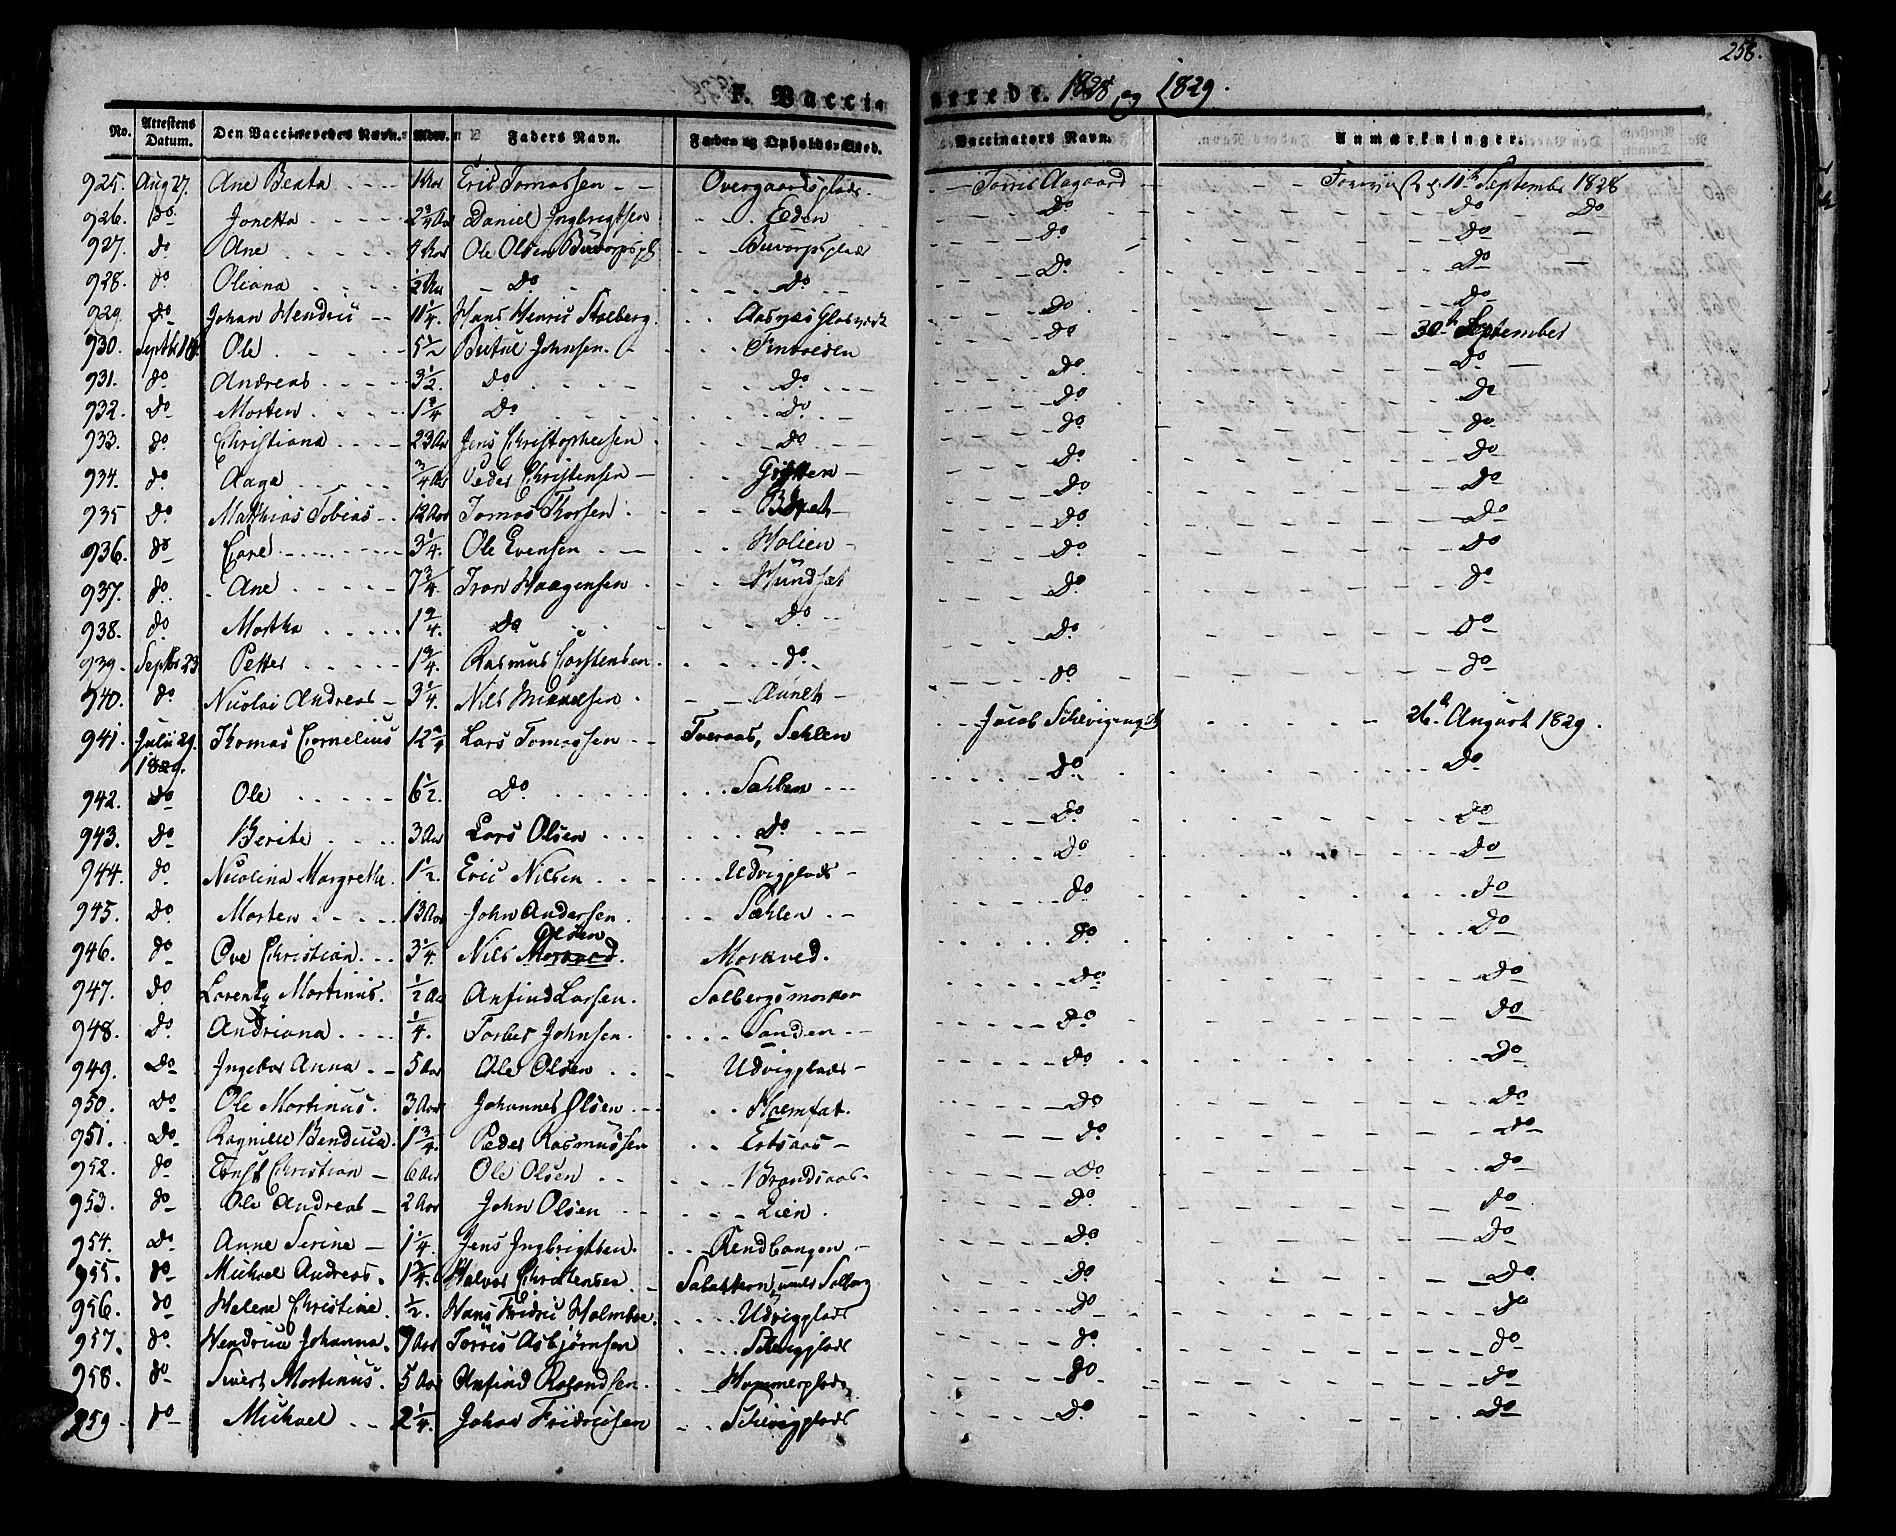 SAT, Ministerialprotokoller, klokkerbøker og fødselsregistre - Nord-Trøndelag, 741/L0390: Ministerialbok nr. 741A04, 1822-1836, s. 258